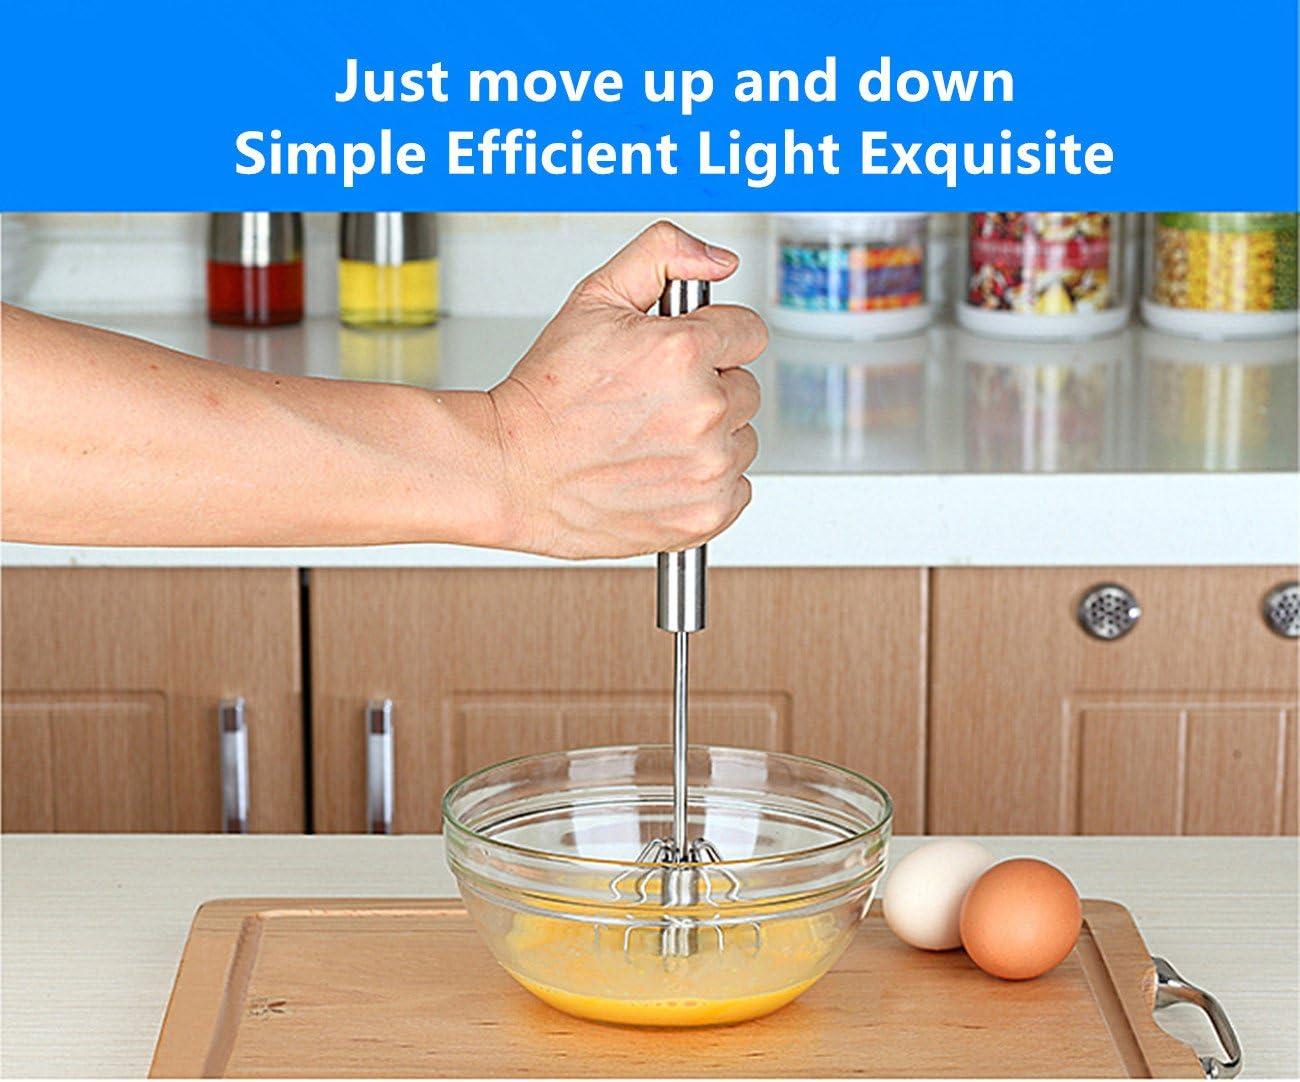 Batidor de huevo de acero inoxidable Pulse el semiautomática batidor mezcla de huevo y espumador de leche: Amazon.es: Hogar